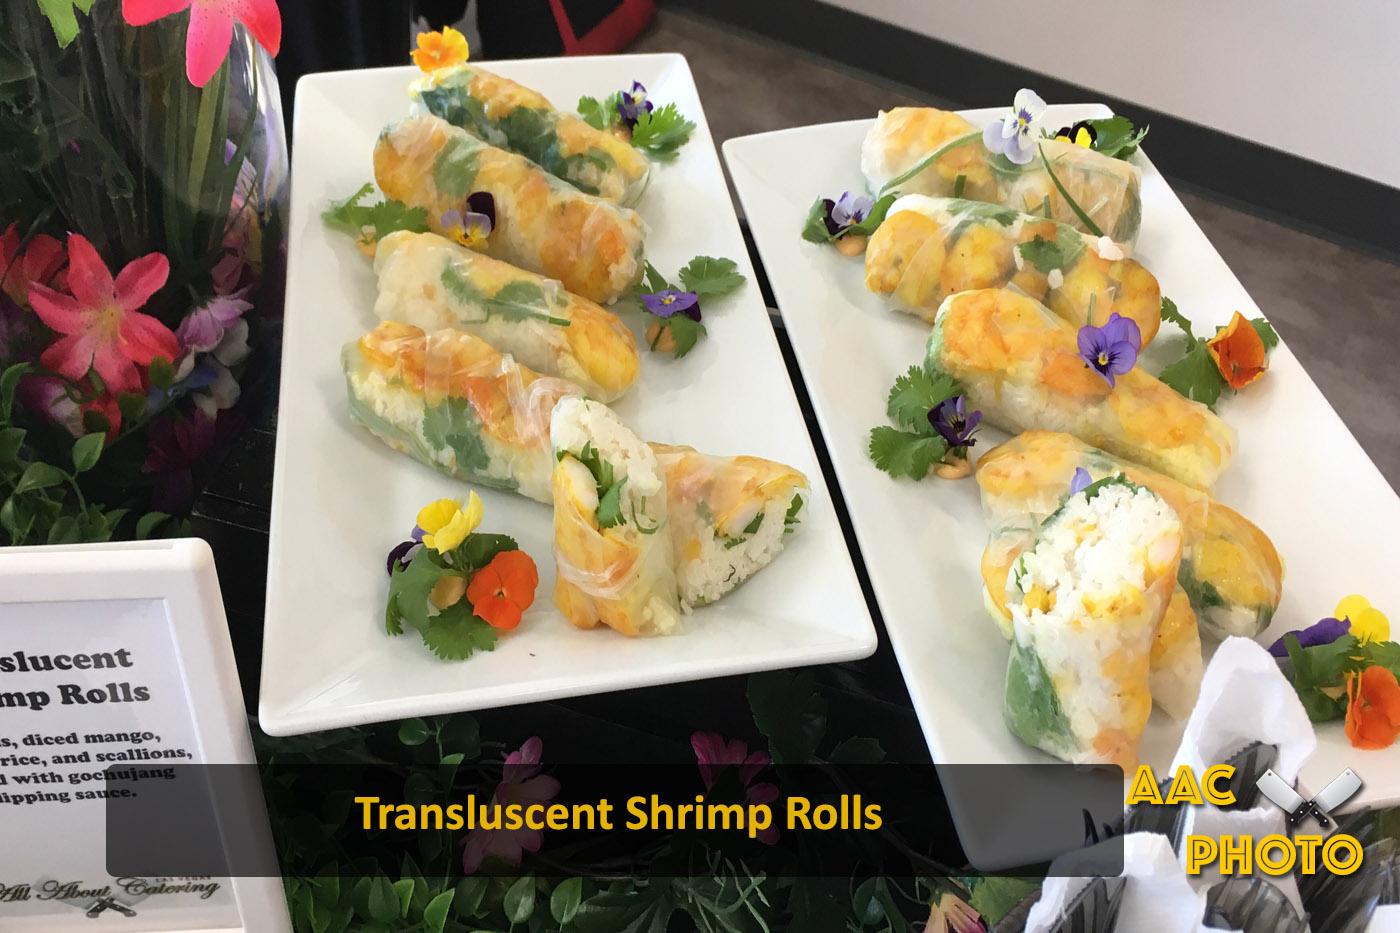 Transluscent Shrimp Rolls